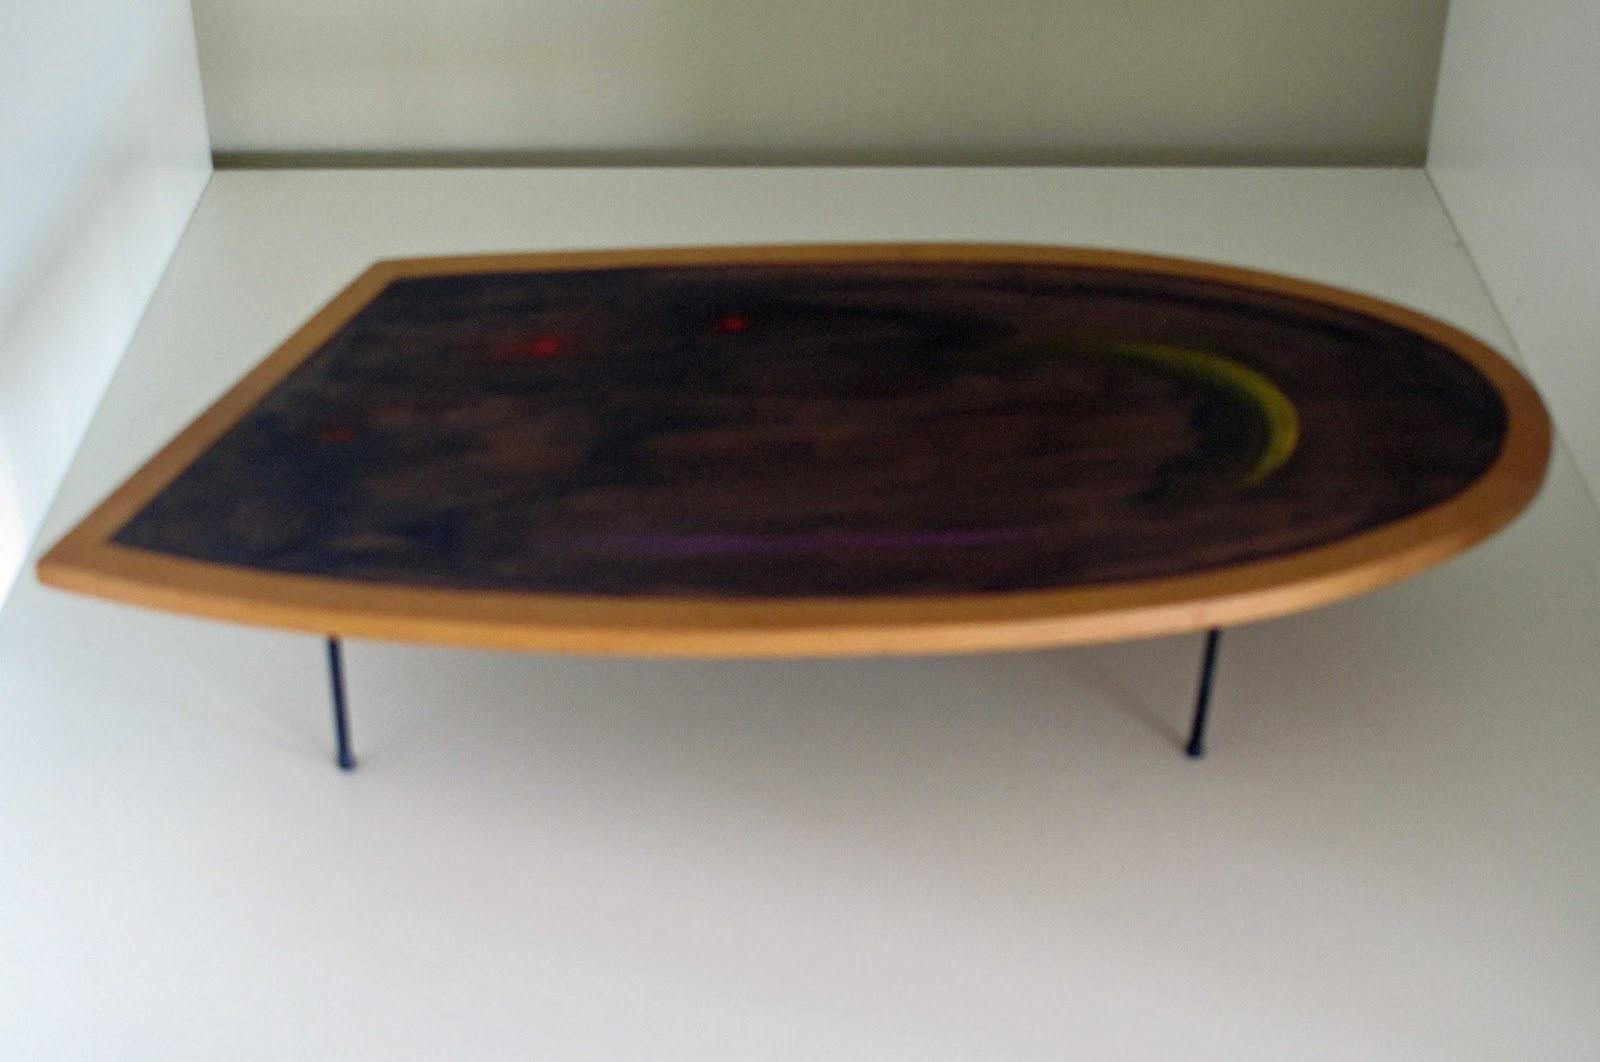 John everett scofield maquettes for furniture designs for Maquette stand